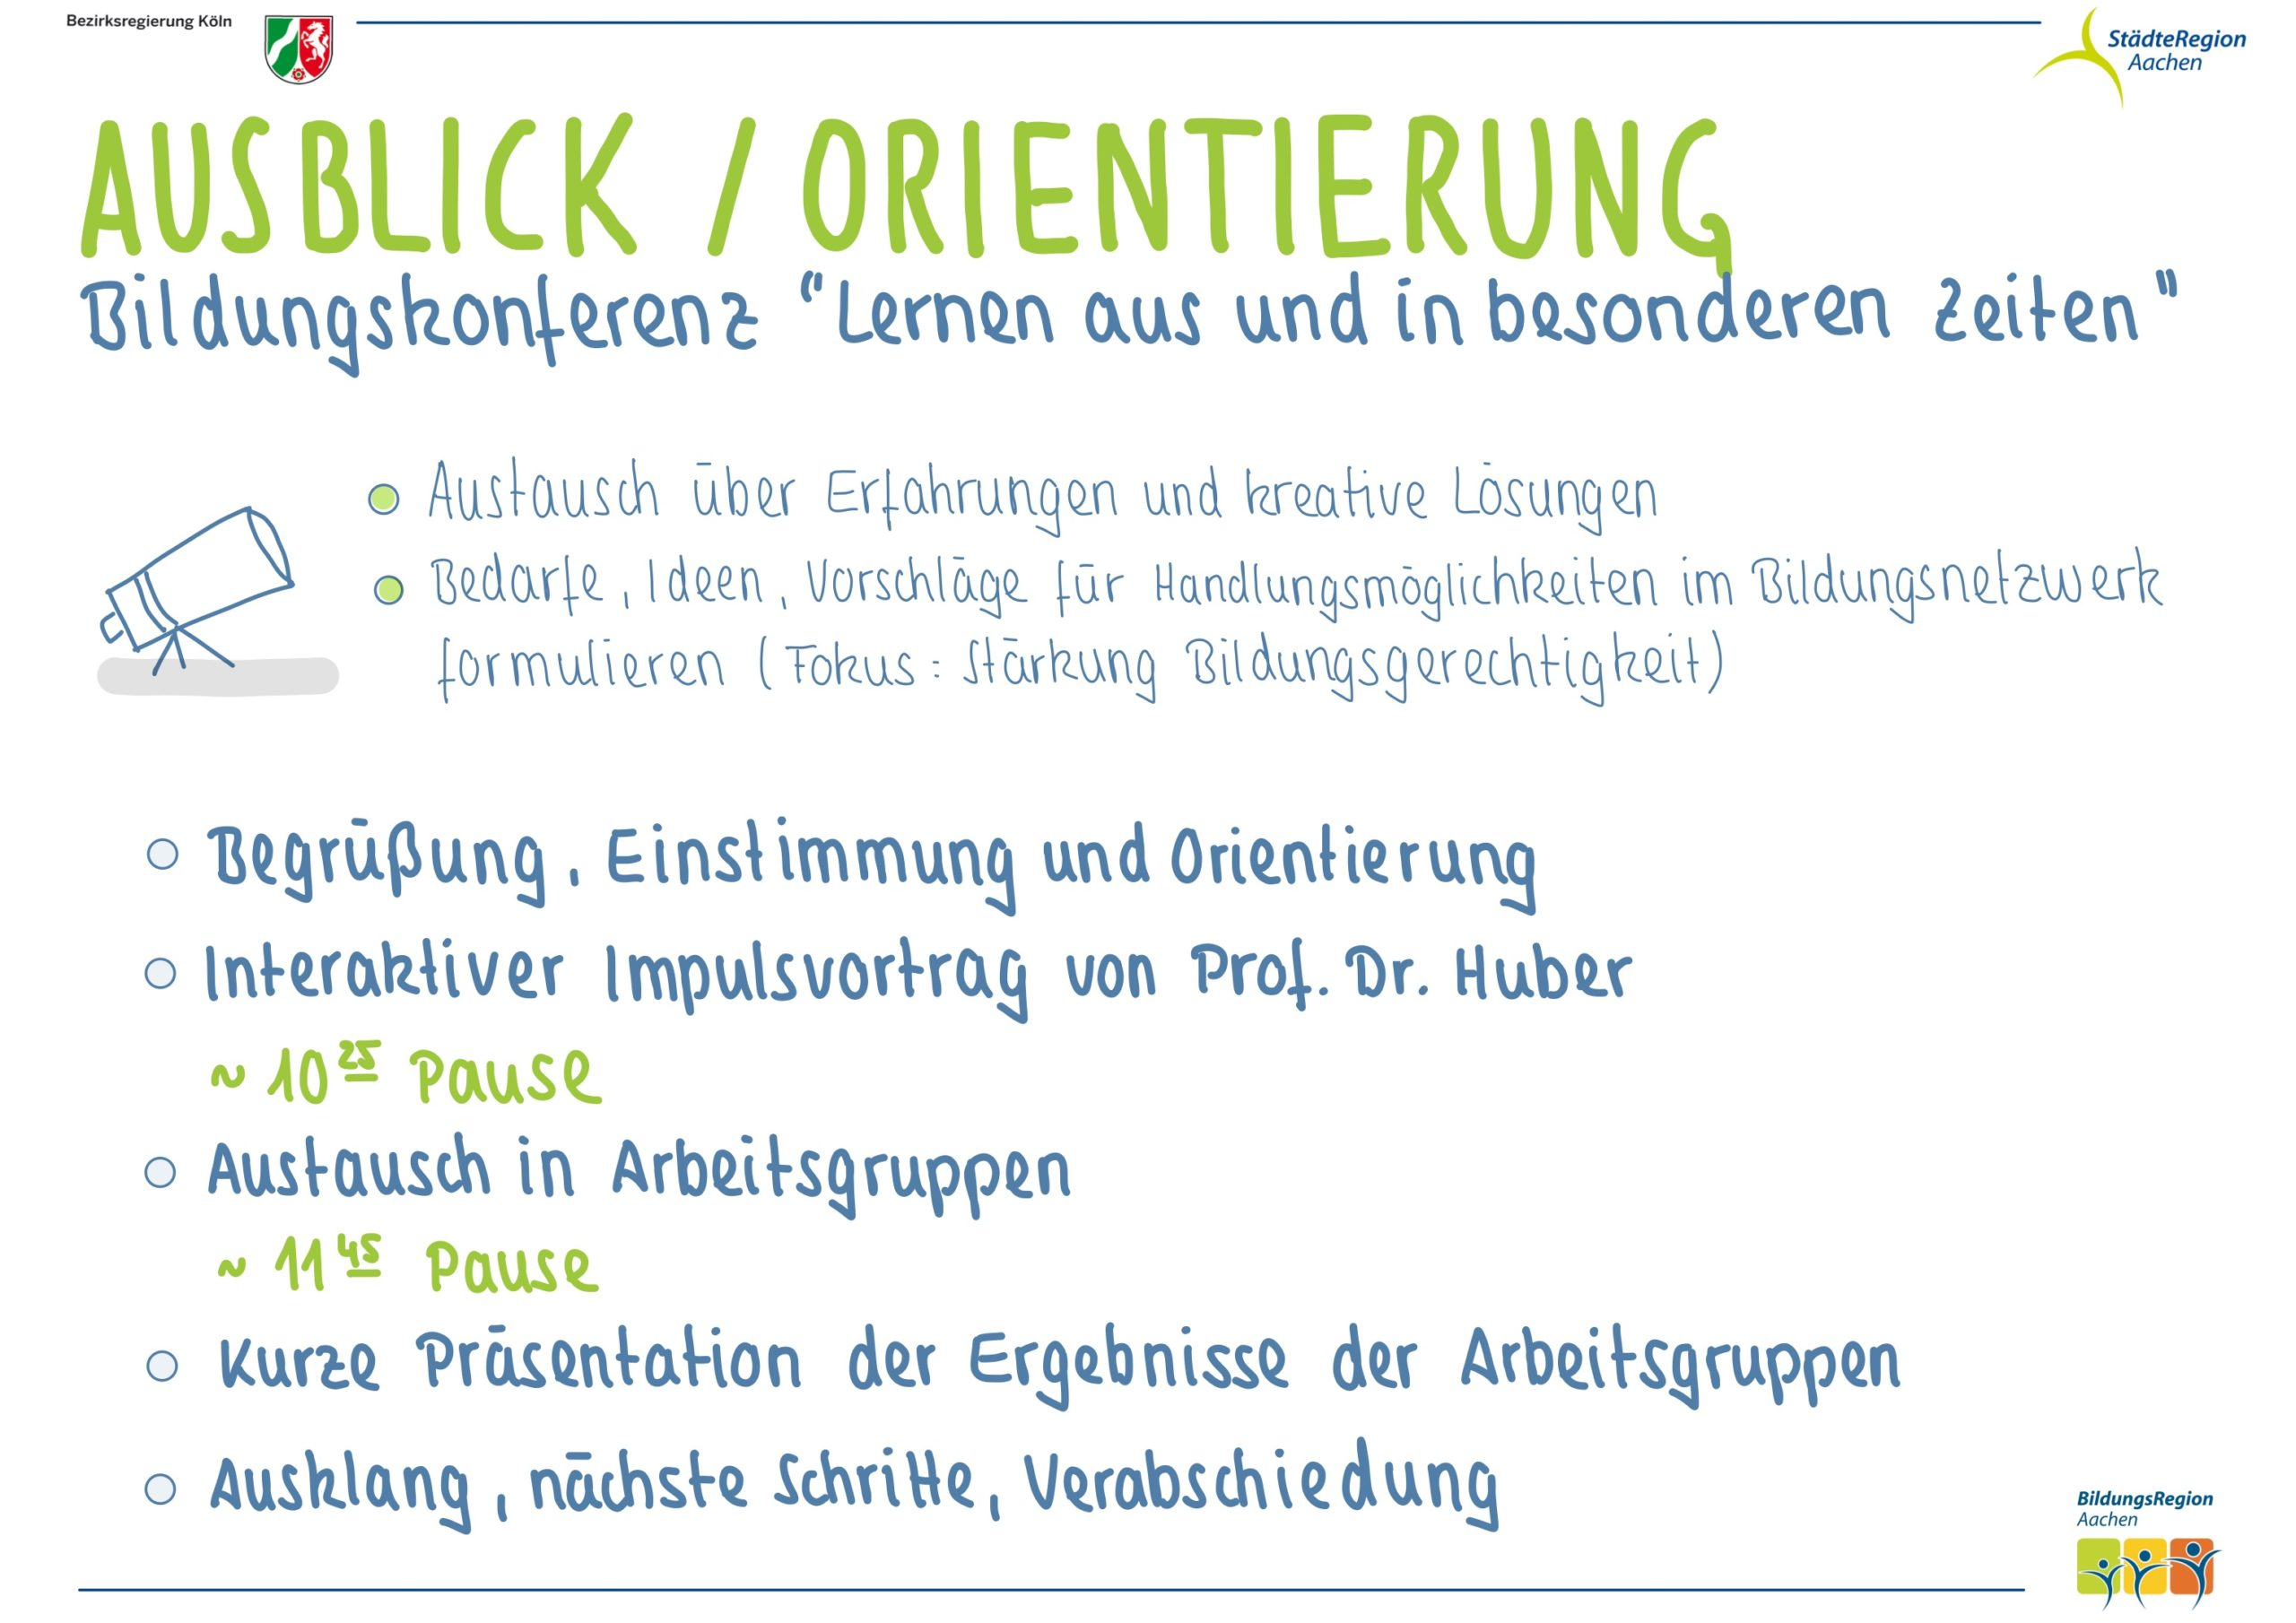 Ausblick / Orientierung Bildungskonferenz